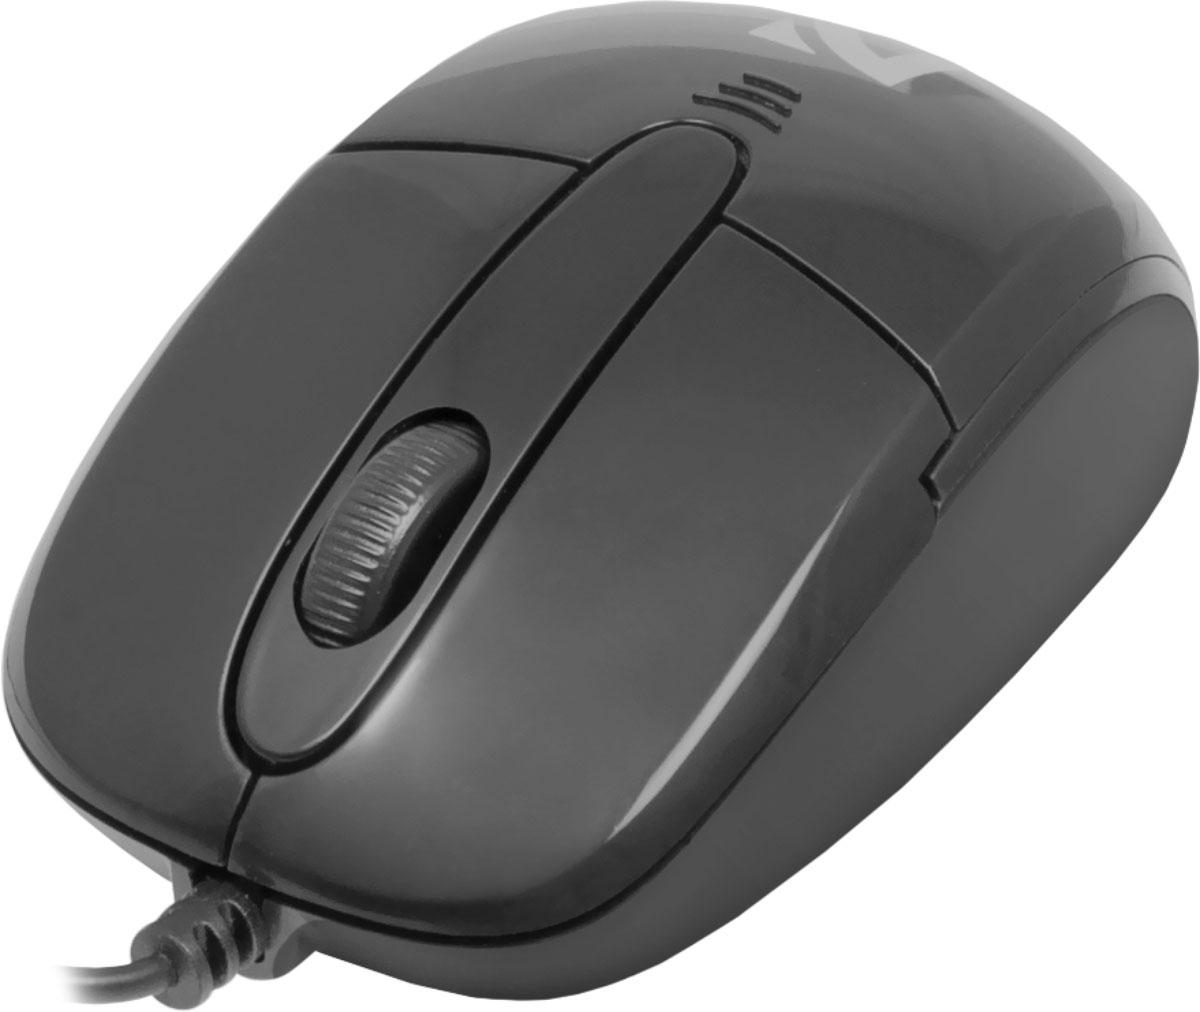 Defender Optimum MS-130, Black проводная оптическая мышь ( 52130 )